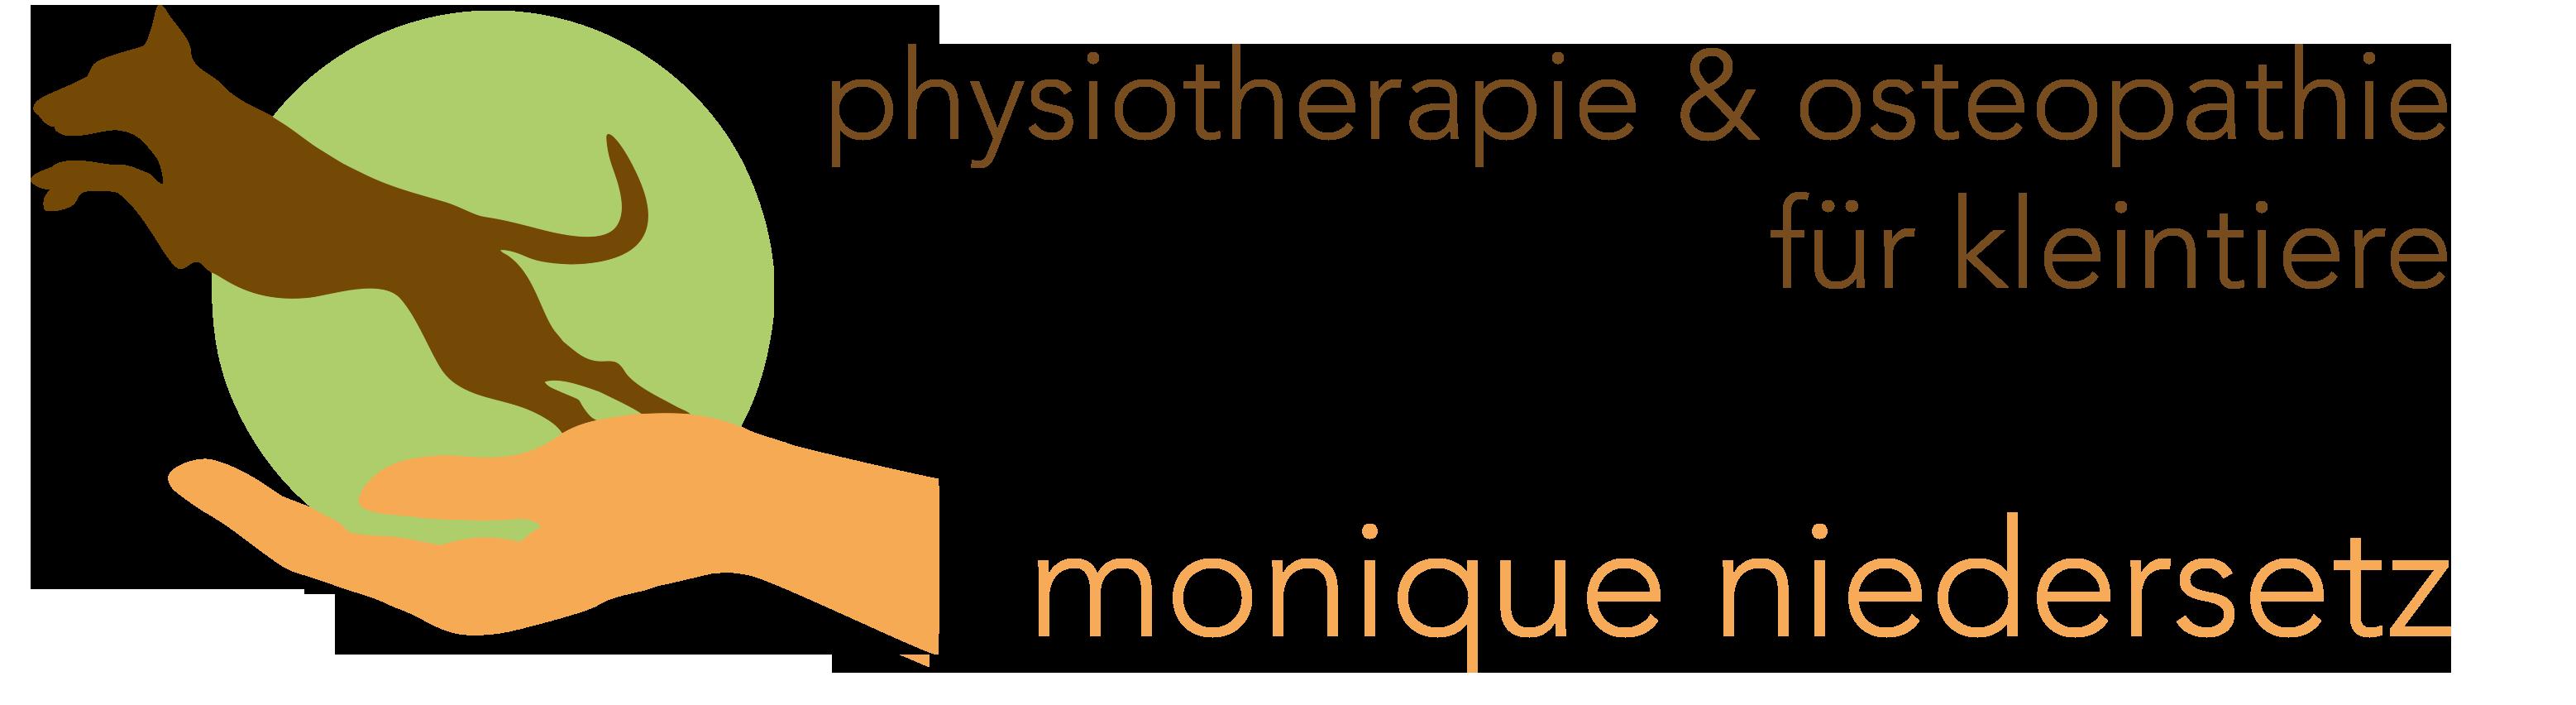 Tierphysiotherapie & Osteopathie Monique Niedersetz